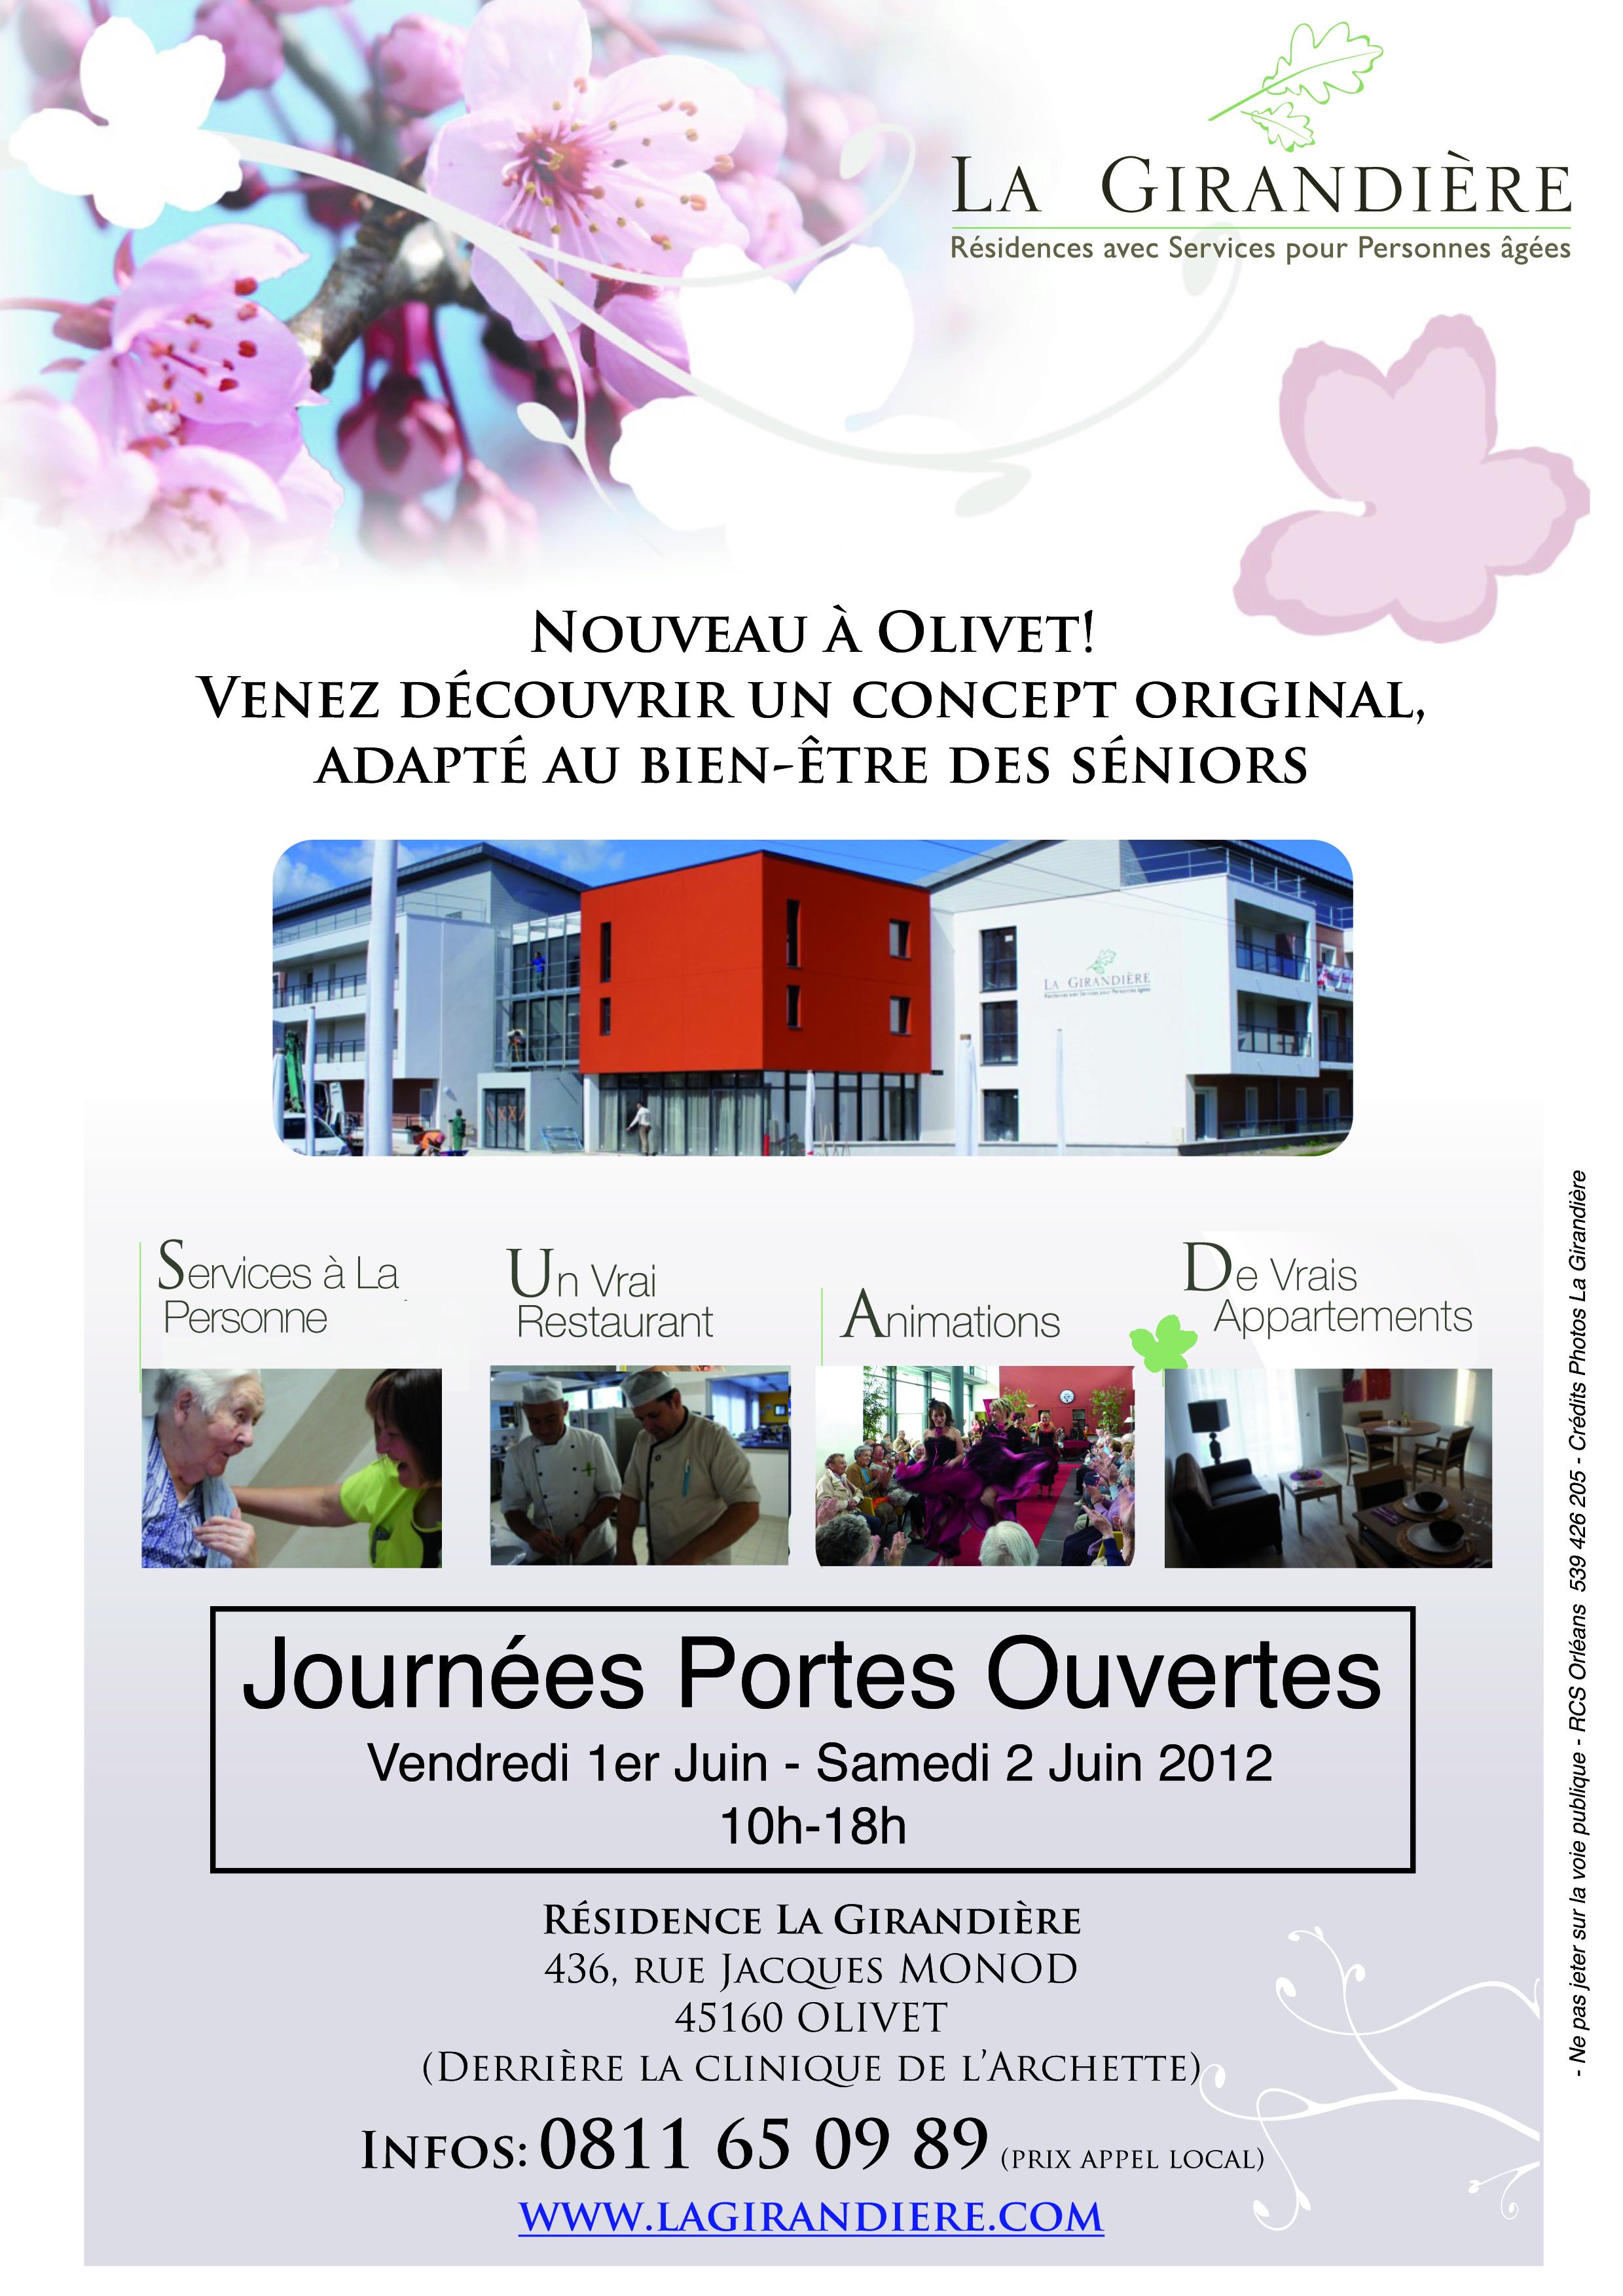 Ouverture de la girandi re d 39 olivet pr s d 39 orl ans 45 for Salon de the porte d orleans